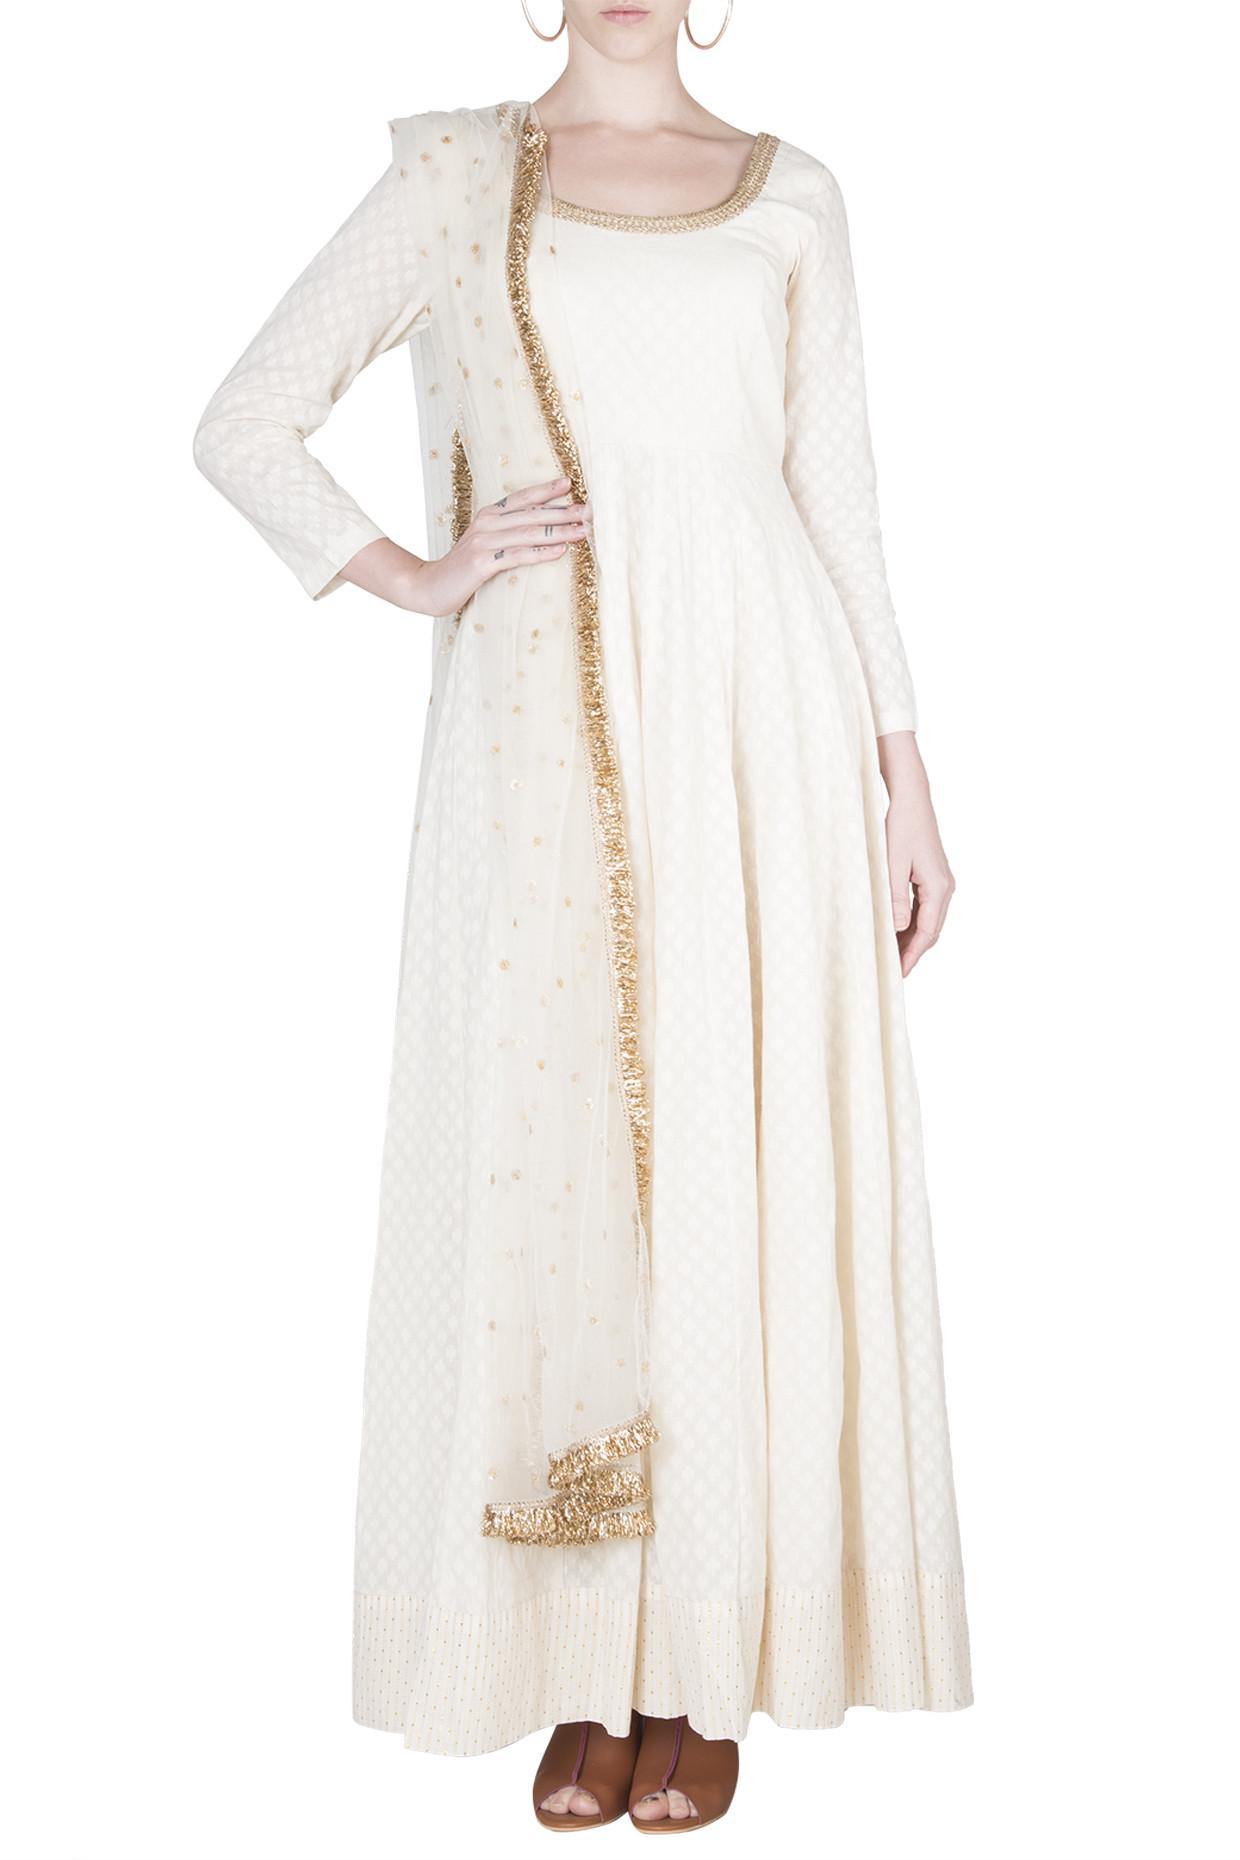 Ivory Cotton Anarkali Set by Rishi & Vibhuti